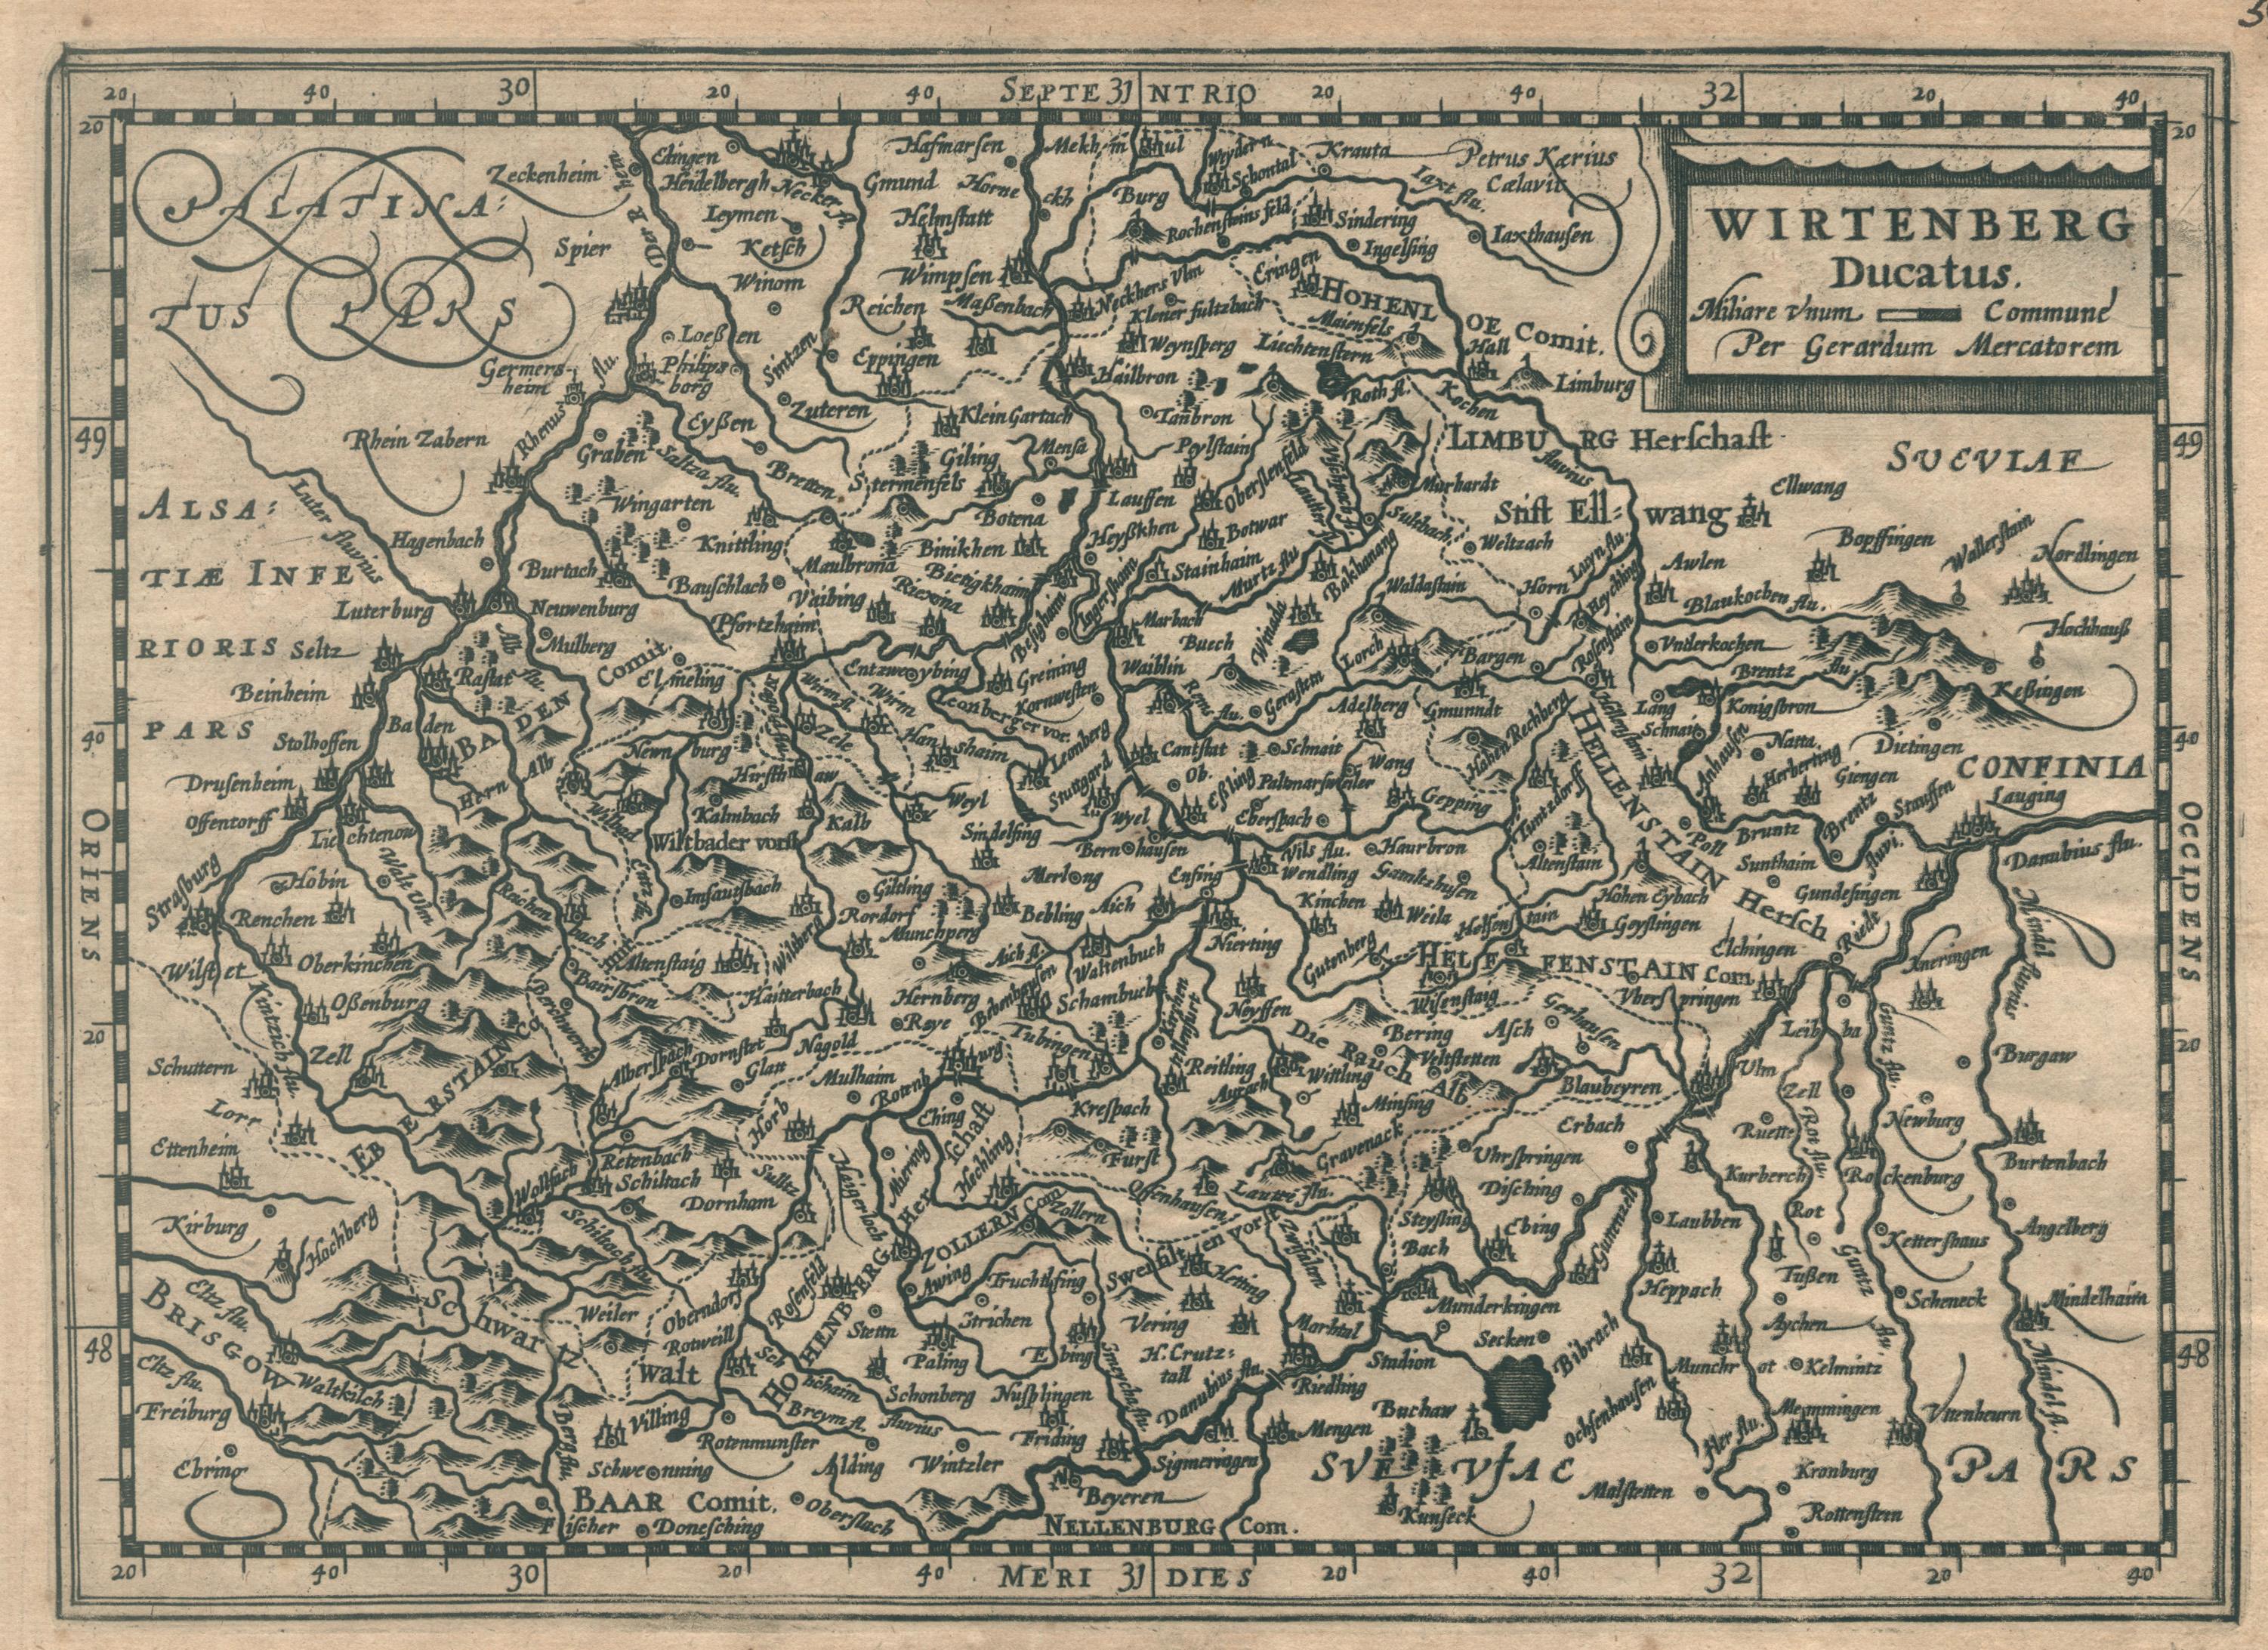 Kst.- Karte, n. G. Mercator b. Janssonius: Württemberg ( Herzogtum